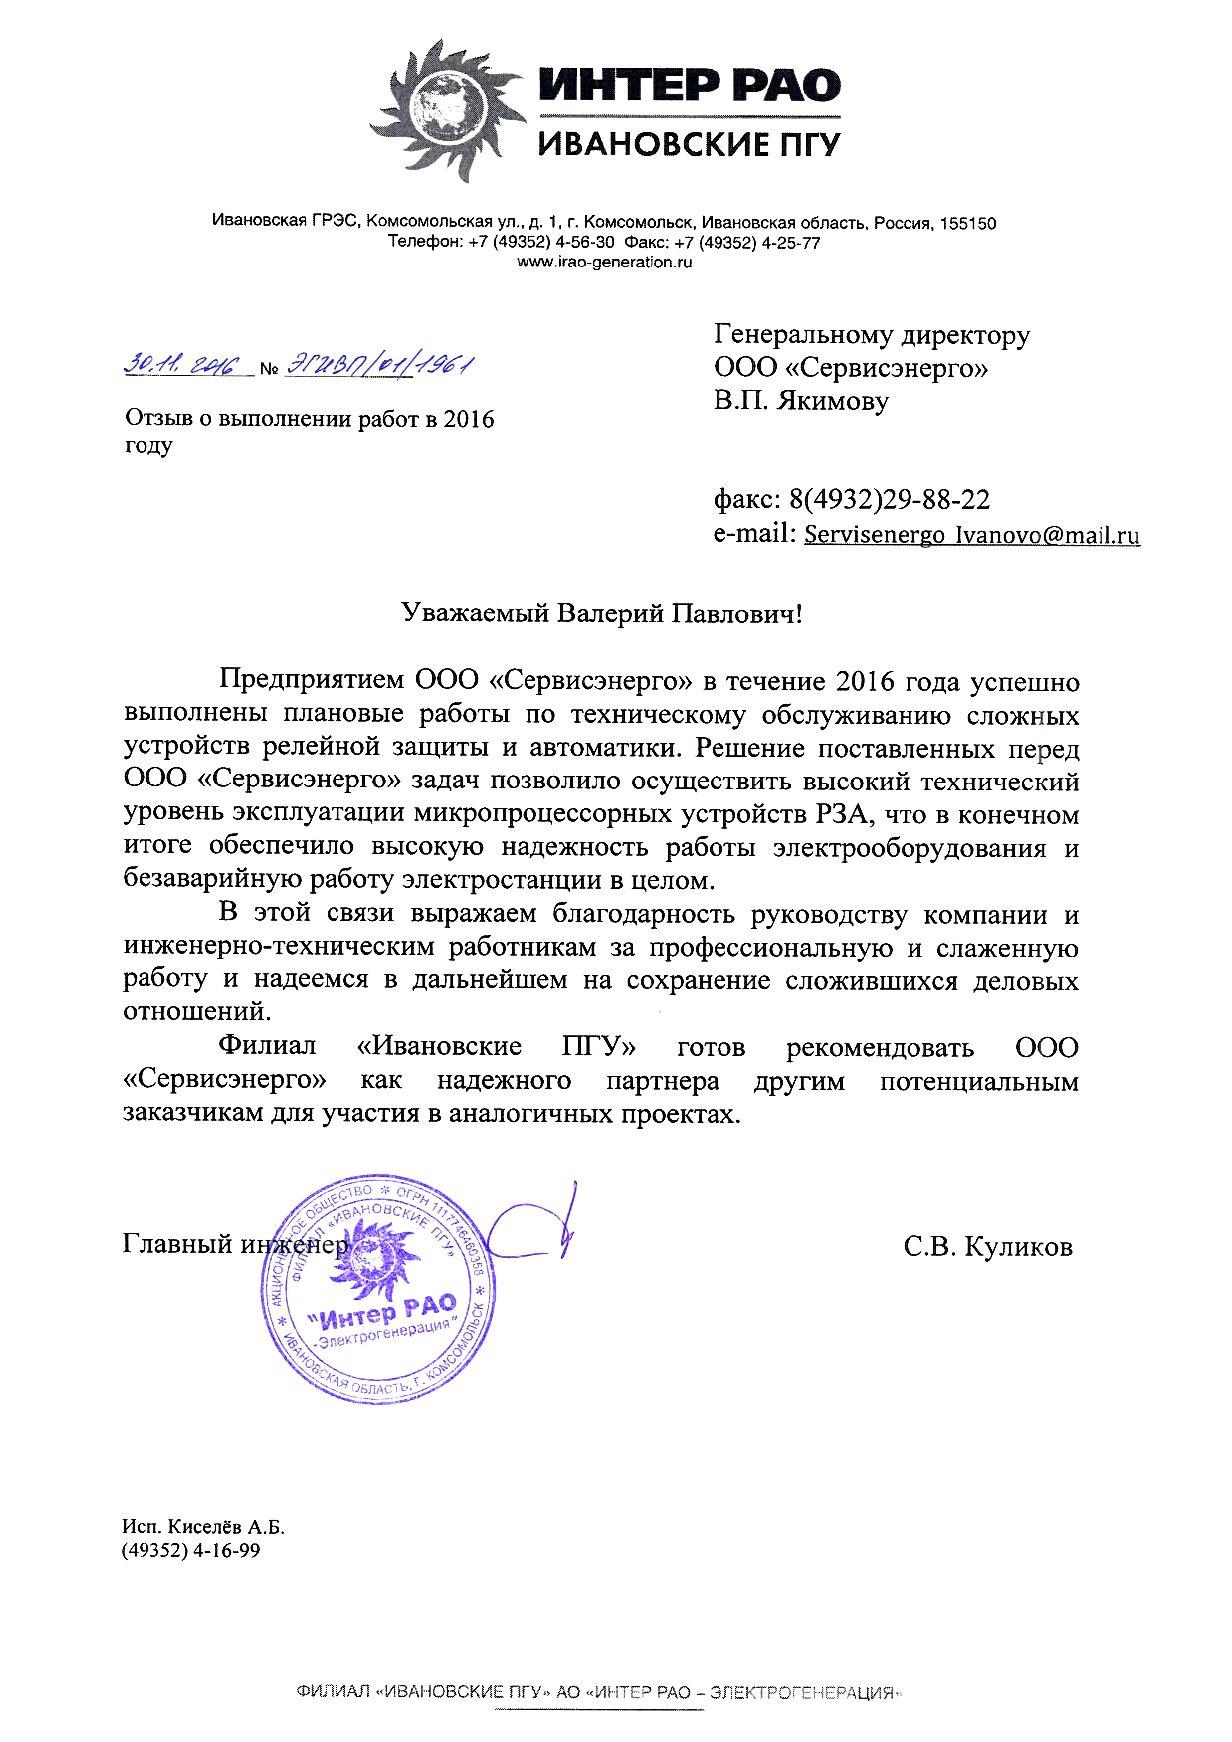 отзыв_2016_Ивановские ПГУ (СЕРВИСЭНЕРГО) (2)